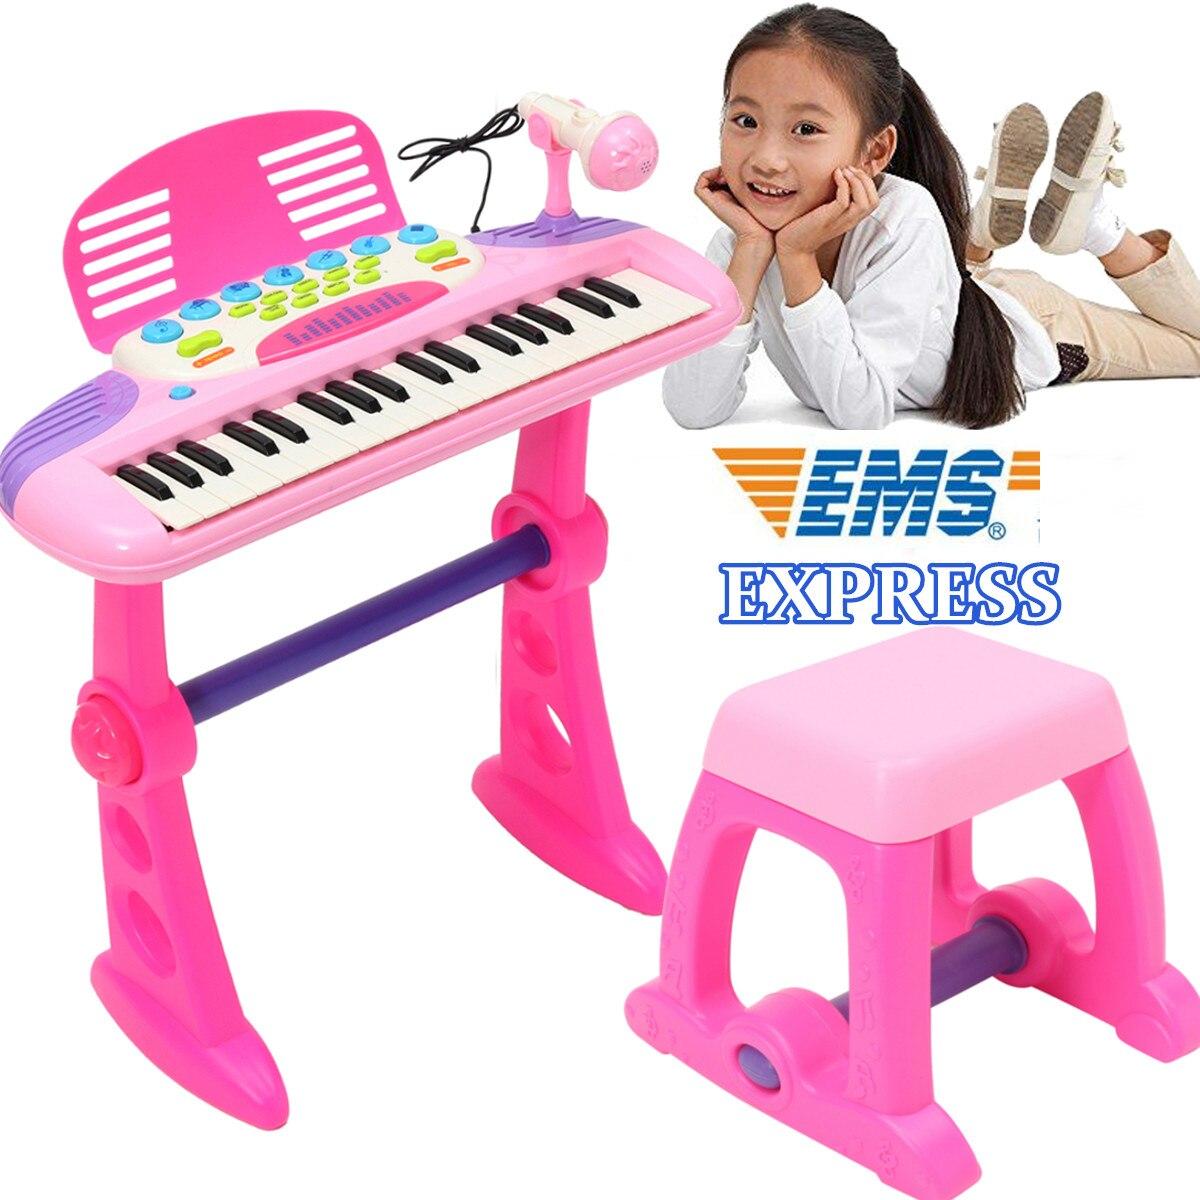 Rose 37 Clé Enfants Électronique Clavier Piano Orgue Electone Jouet Enfants Éducatif Musical Instrument avec Microphone Tabouret Cadeau